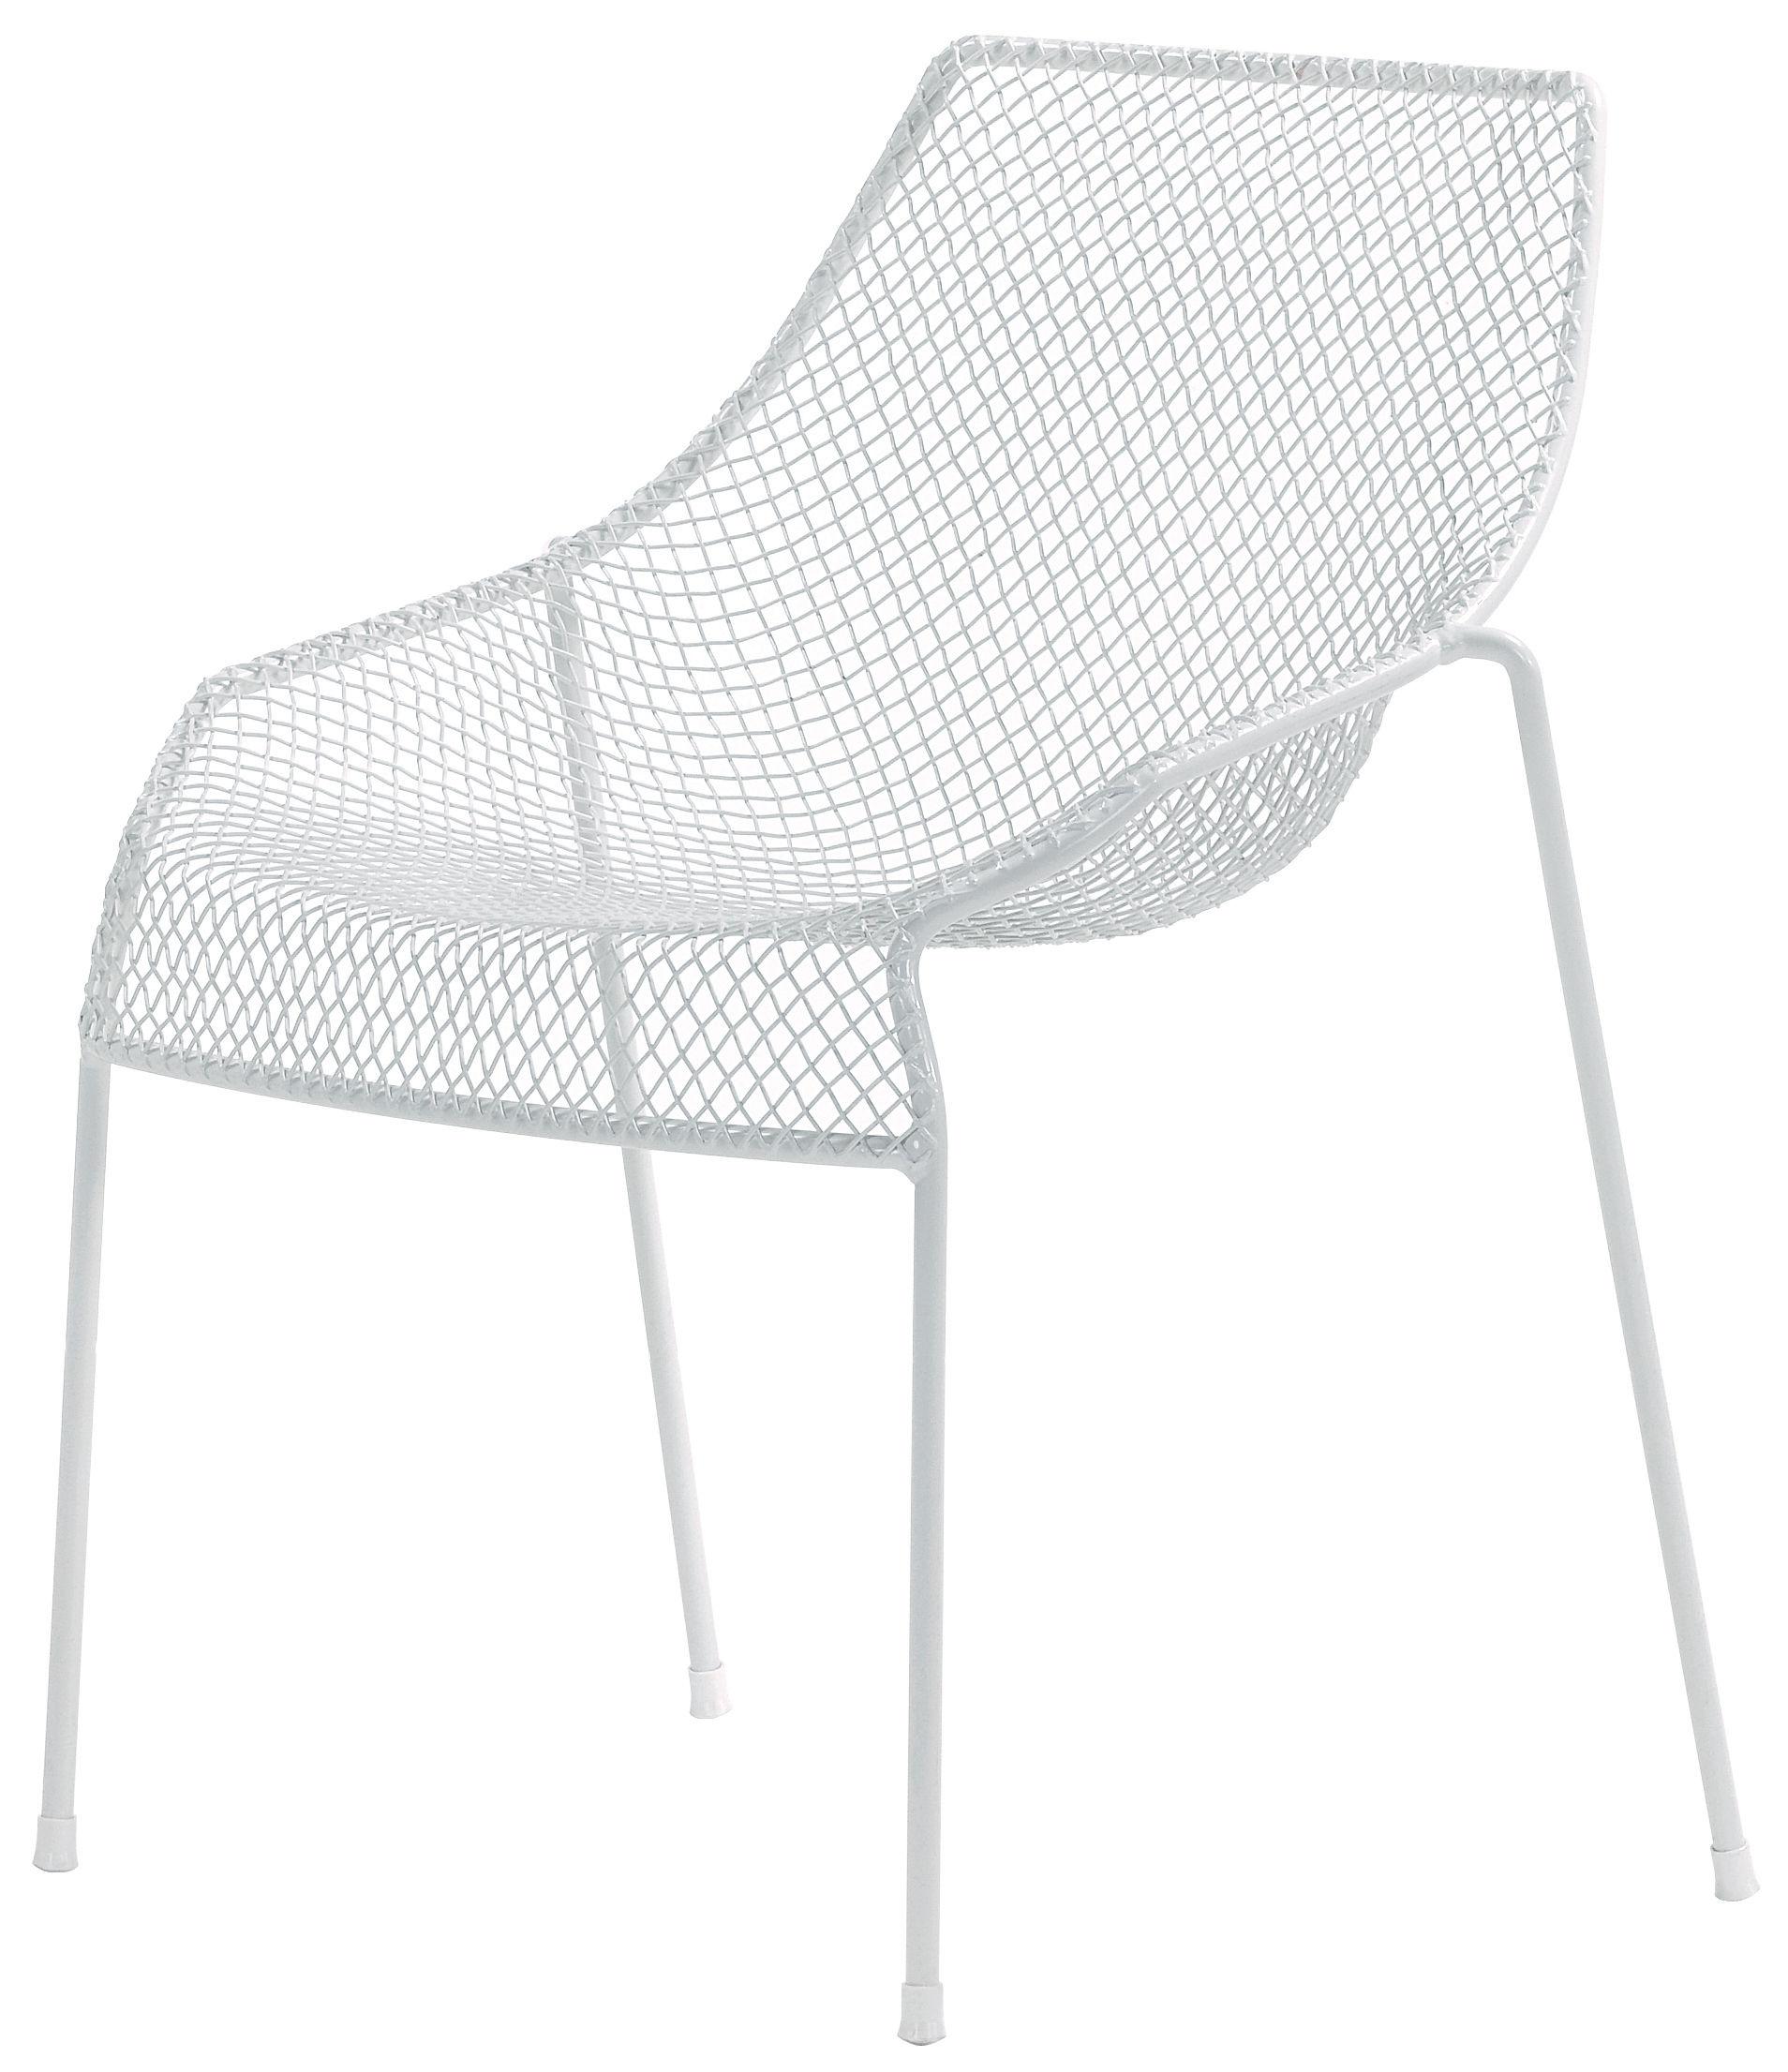 Mobilier - Chaises, fauteuils de salle à manger - Chaise empilable Heaven / Métal - Emu - Blanc mat - Acier